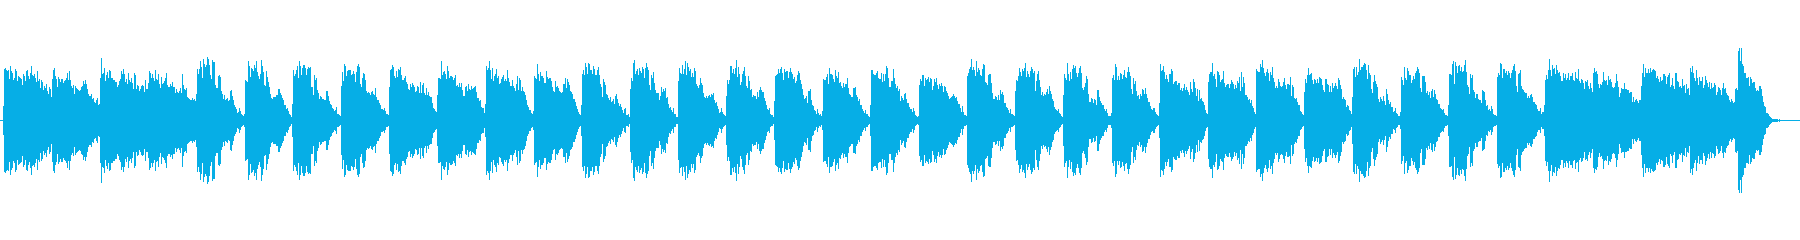 ゆったり宇宙感のシンセサイザーサウンドの再生済みの波形